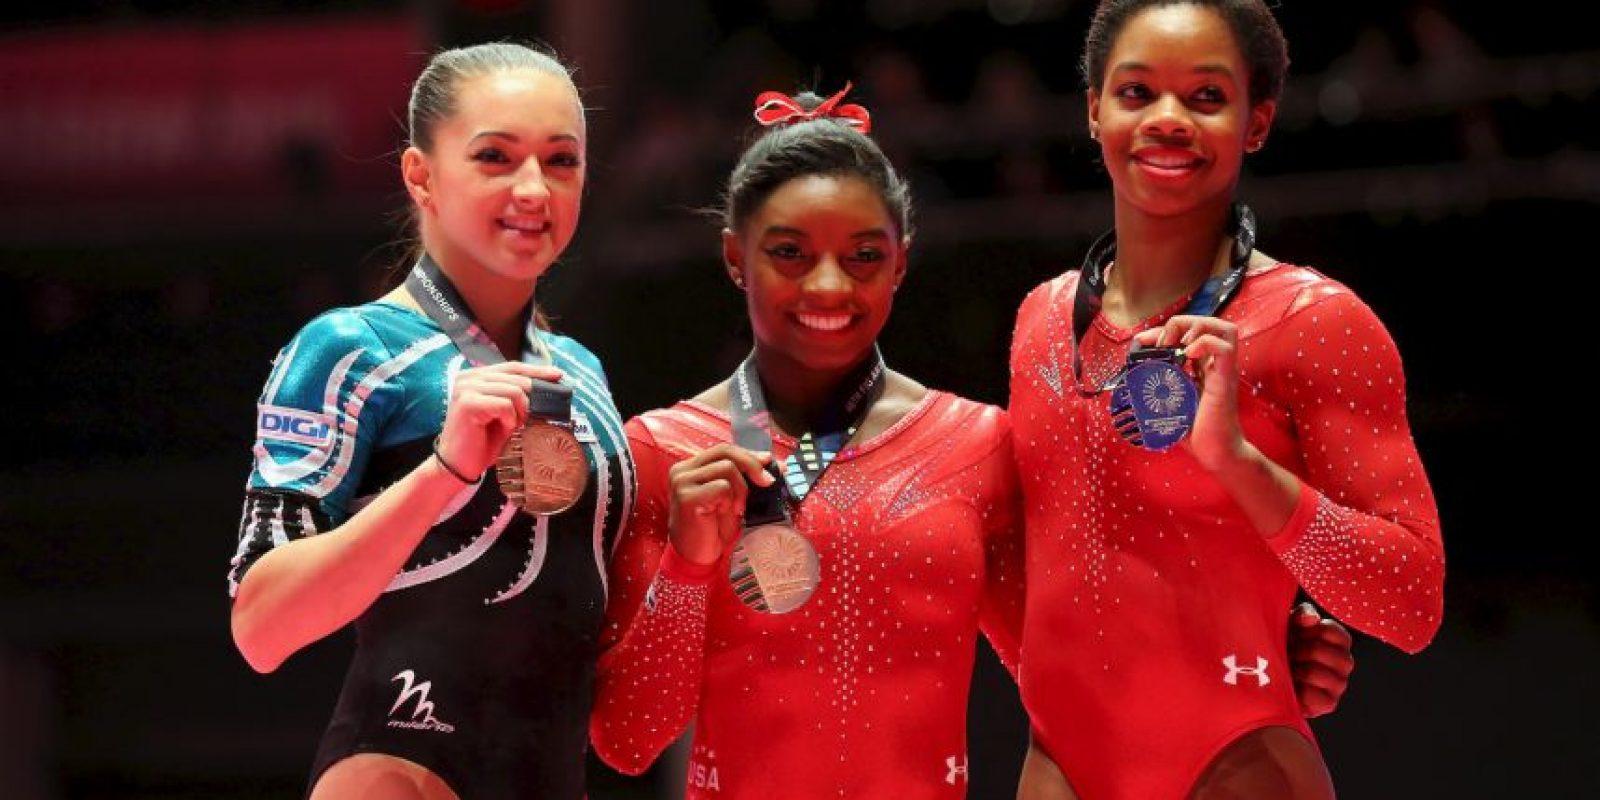 Este fue el podio del último Mundial de Gimnasia Artística antes de Rio 2016. Ellas son Larisa Iordache, Simone Biles y Gaby Douglas. Foto:Getty Images